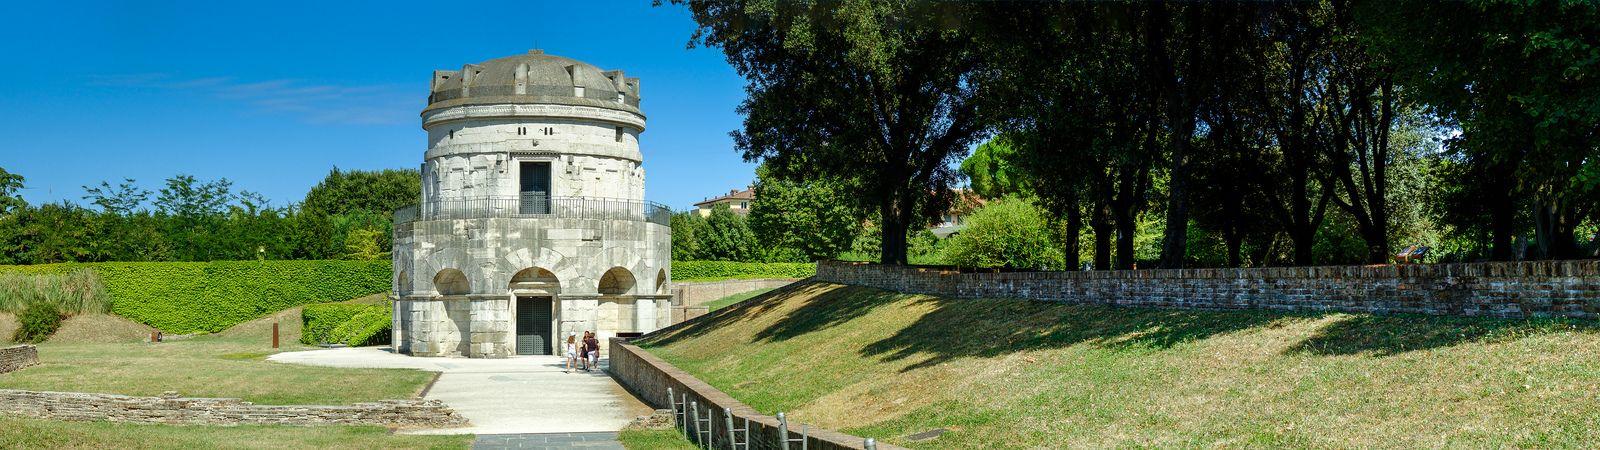 Ravenna-Barcellona, andata e ritorno: ecco i consigli di Viaggio di DoveVado